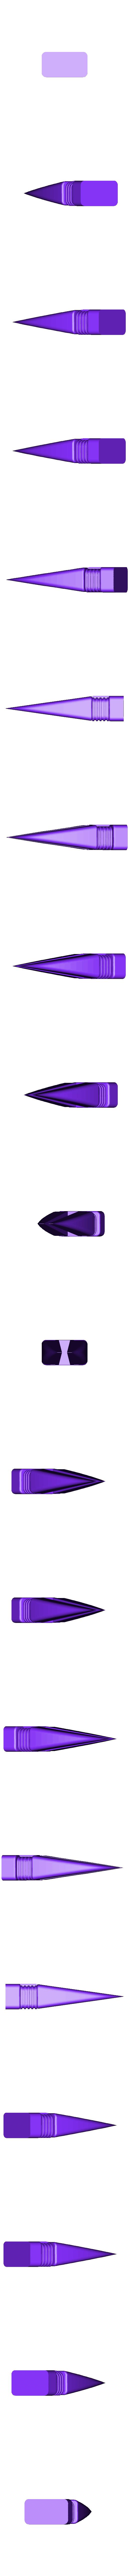 Compression_rifle_v2_4.stl Download free STL file Star Trek Voyager Compression Rifle • 3D print design, poblocki1982